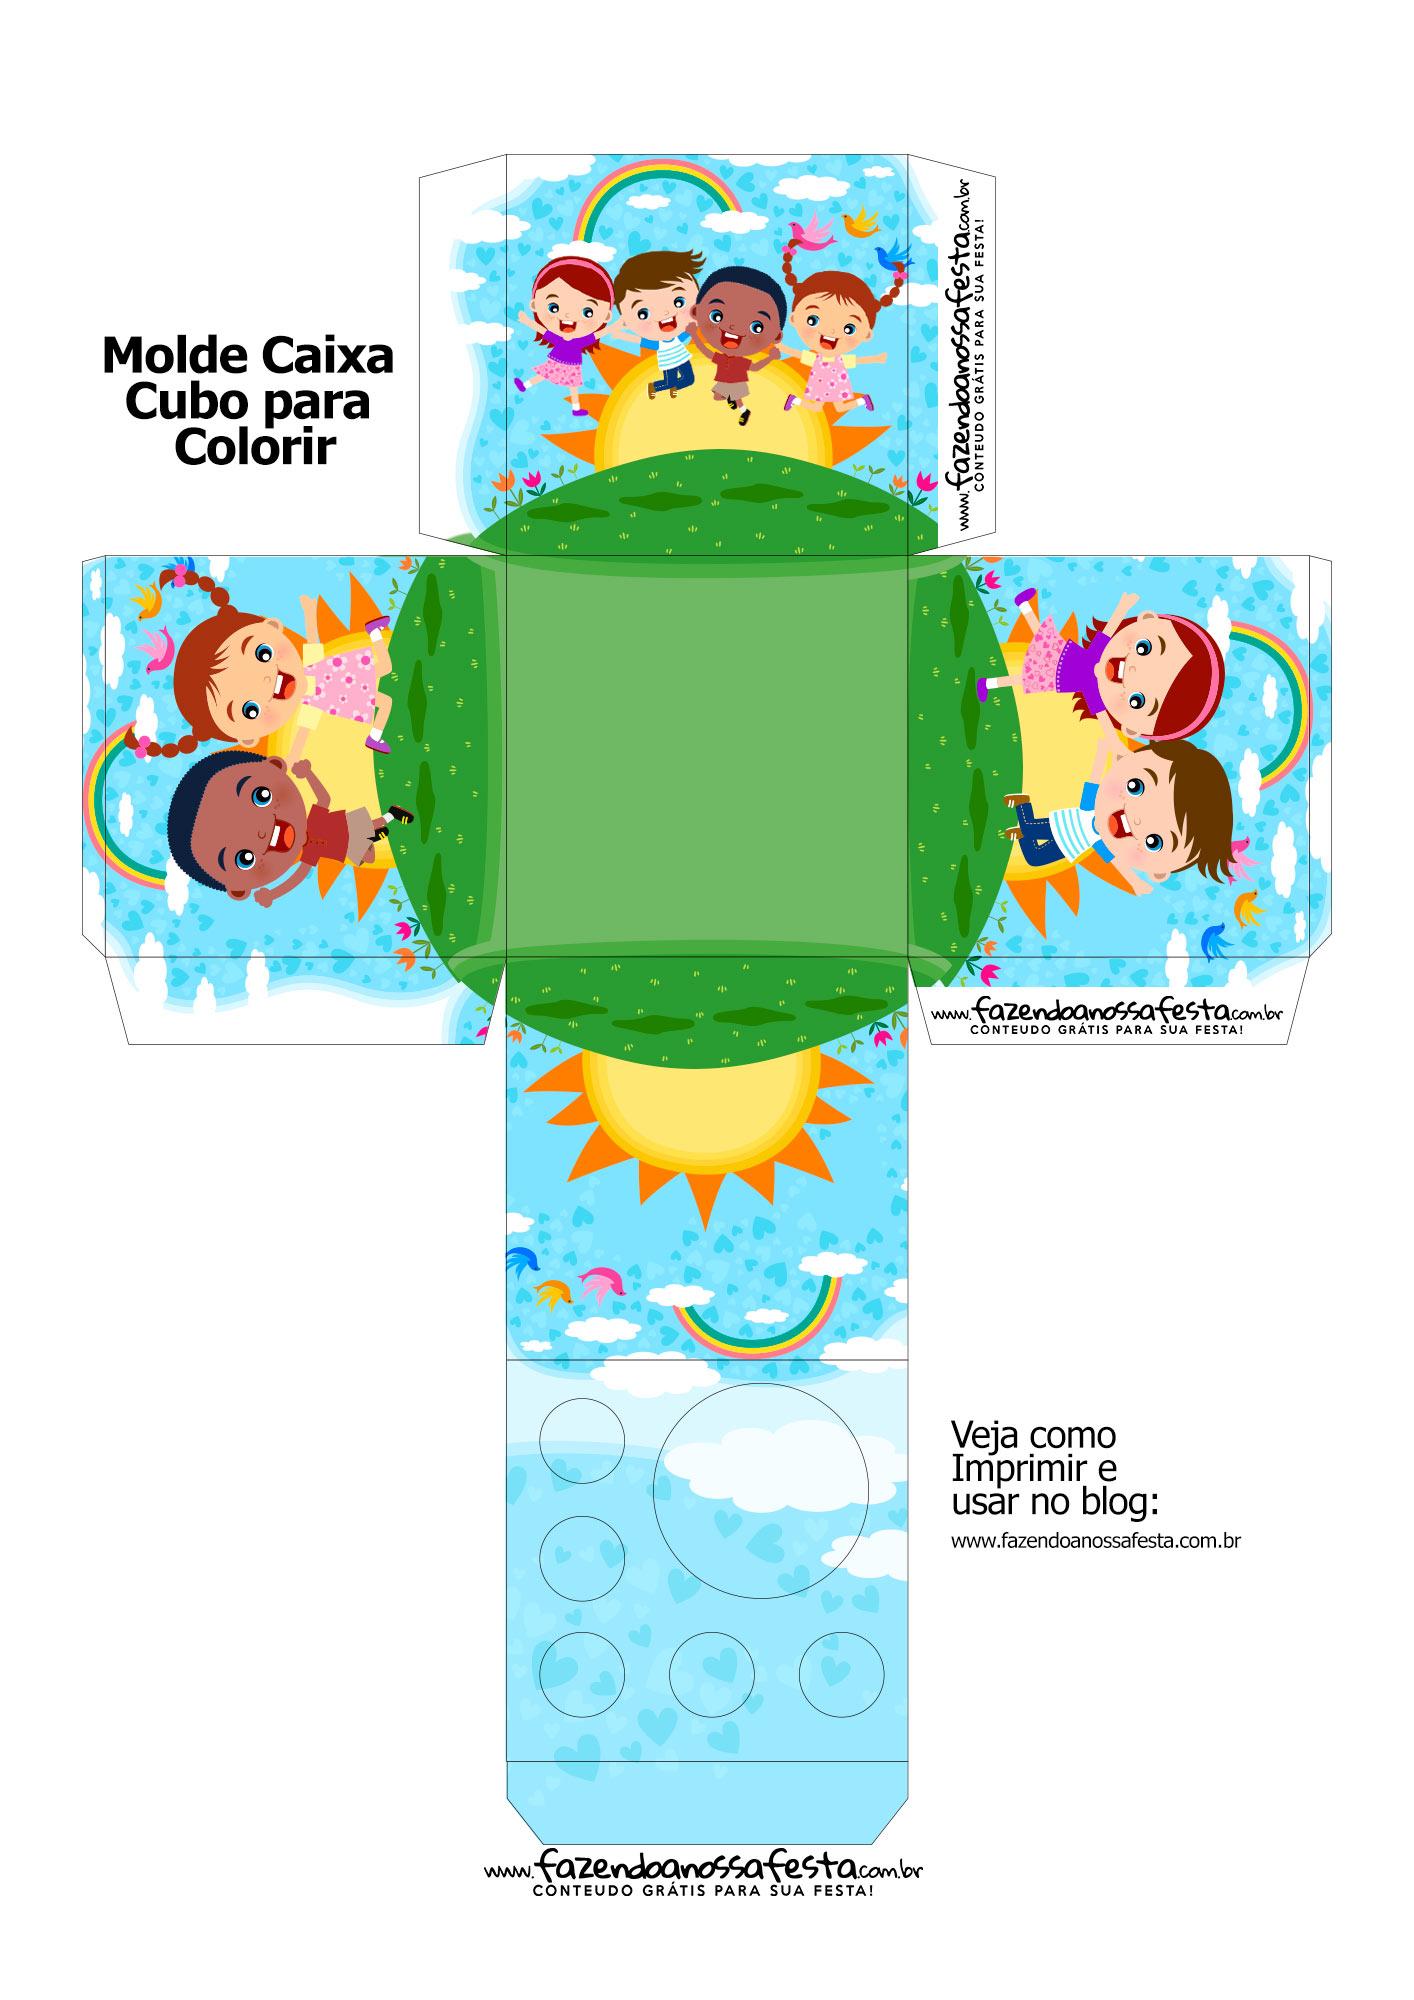 Molde Caixa Kit Colorir Dia das Criancas